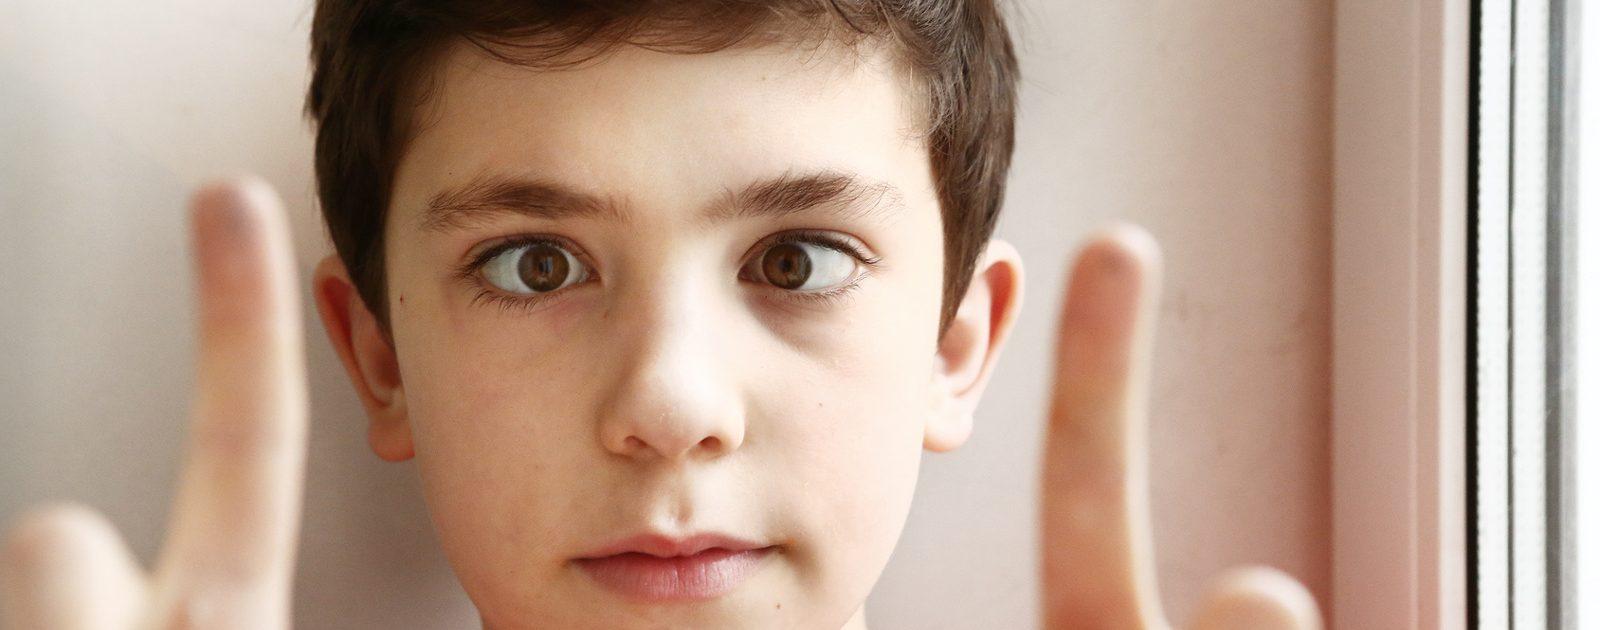 Ein Junge, der schielt – Schielen bei Kindern sollte ernst genommen werden, um Sehbehinderungen zu vermeiden.